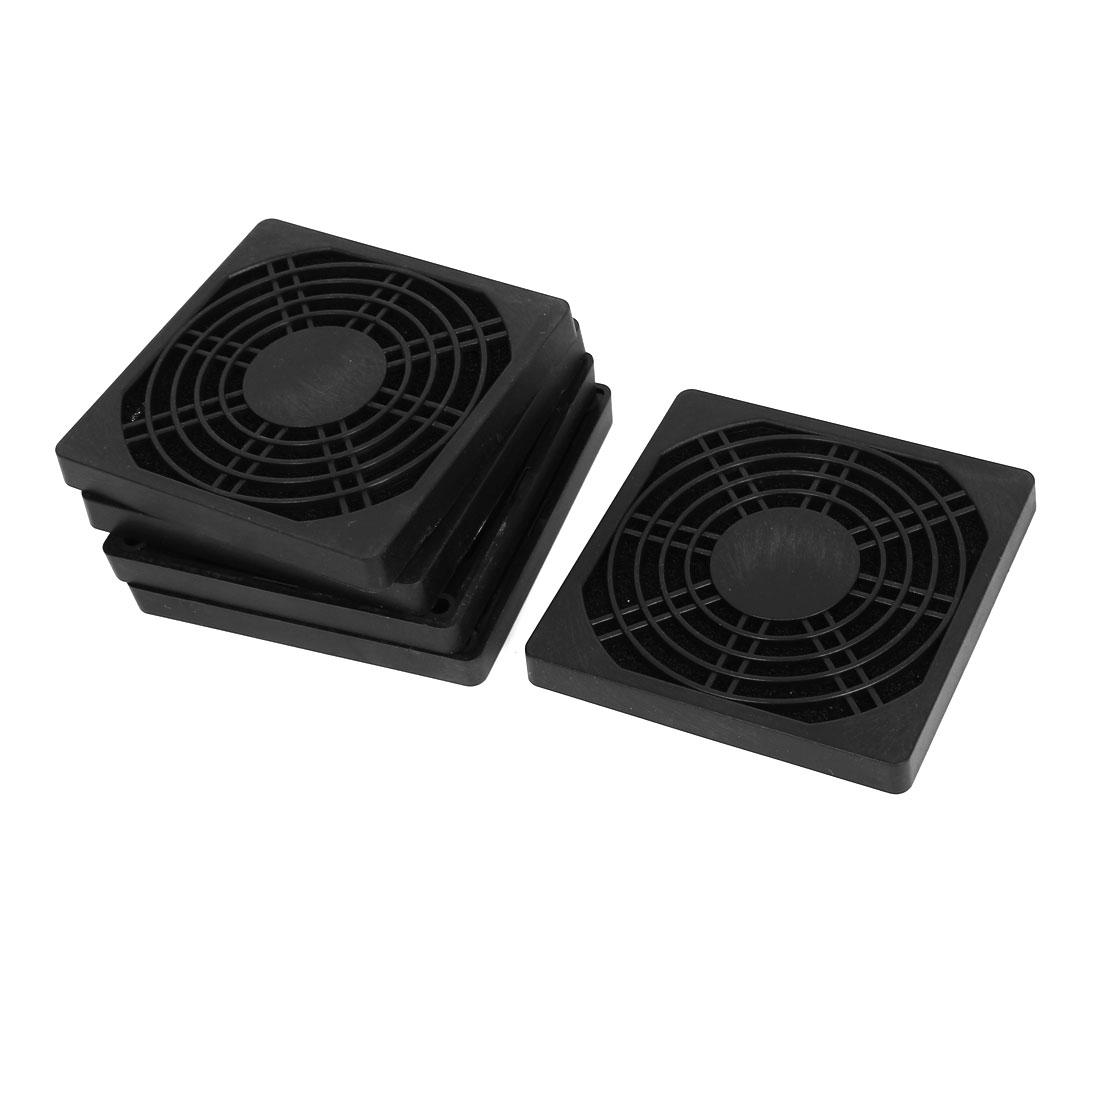 90mm Computer PC Dustproof Cooler Fan Case Cover Dust Filter Mesh 5pcs